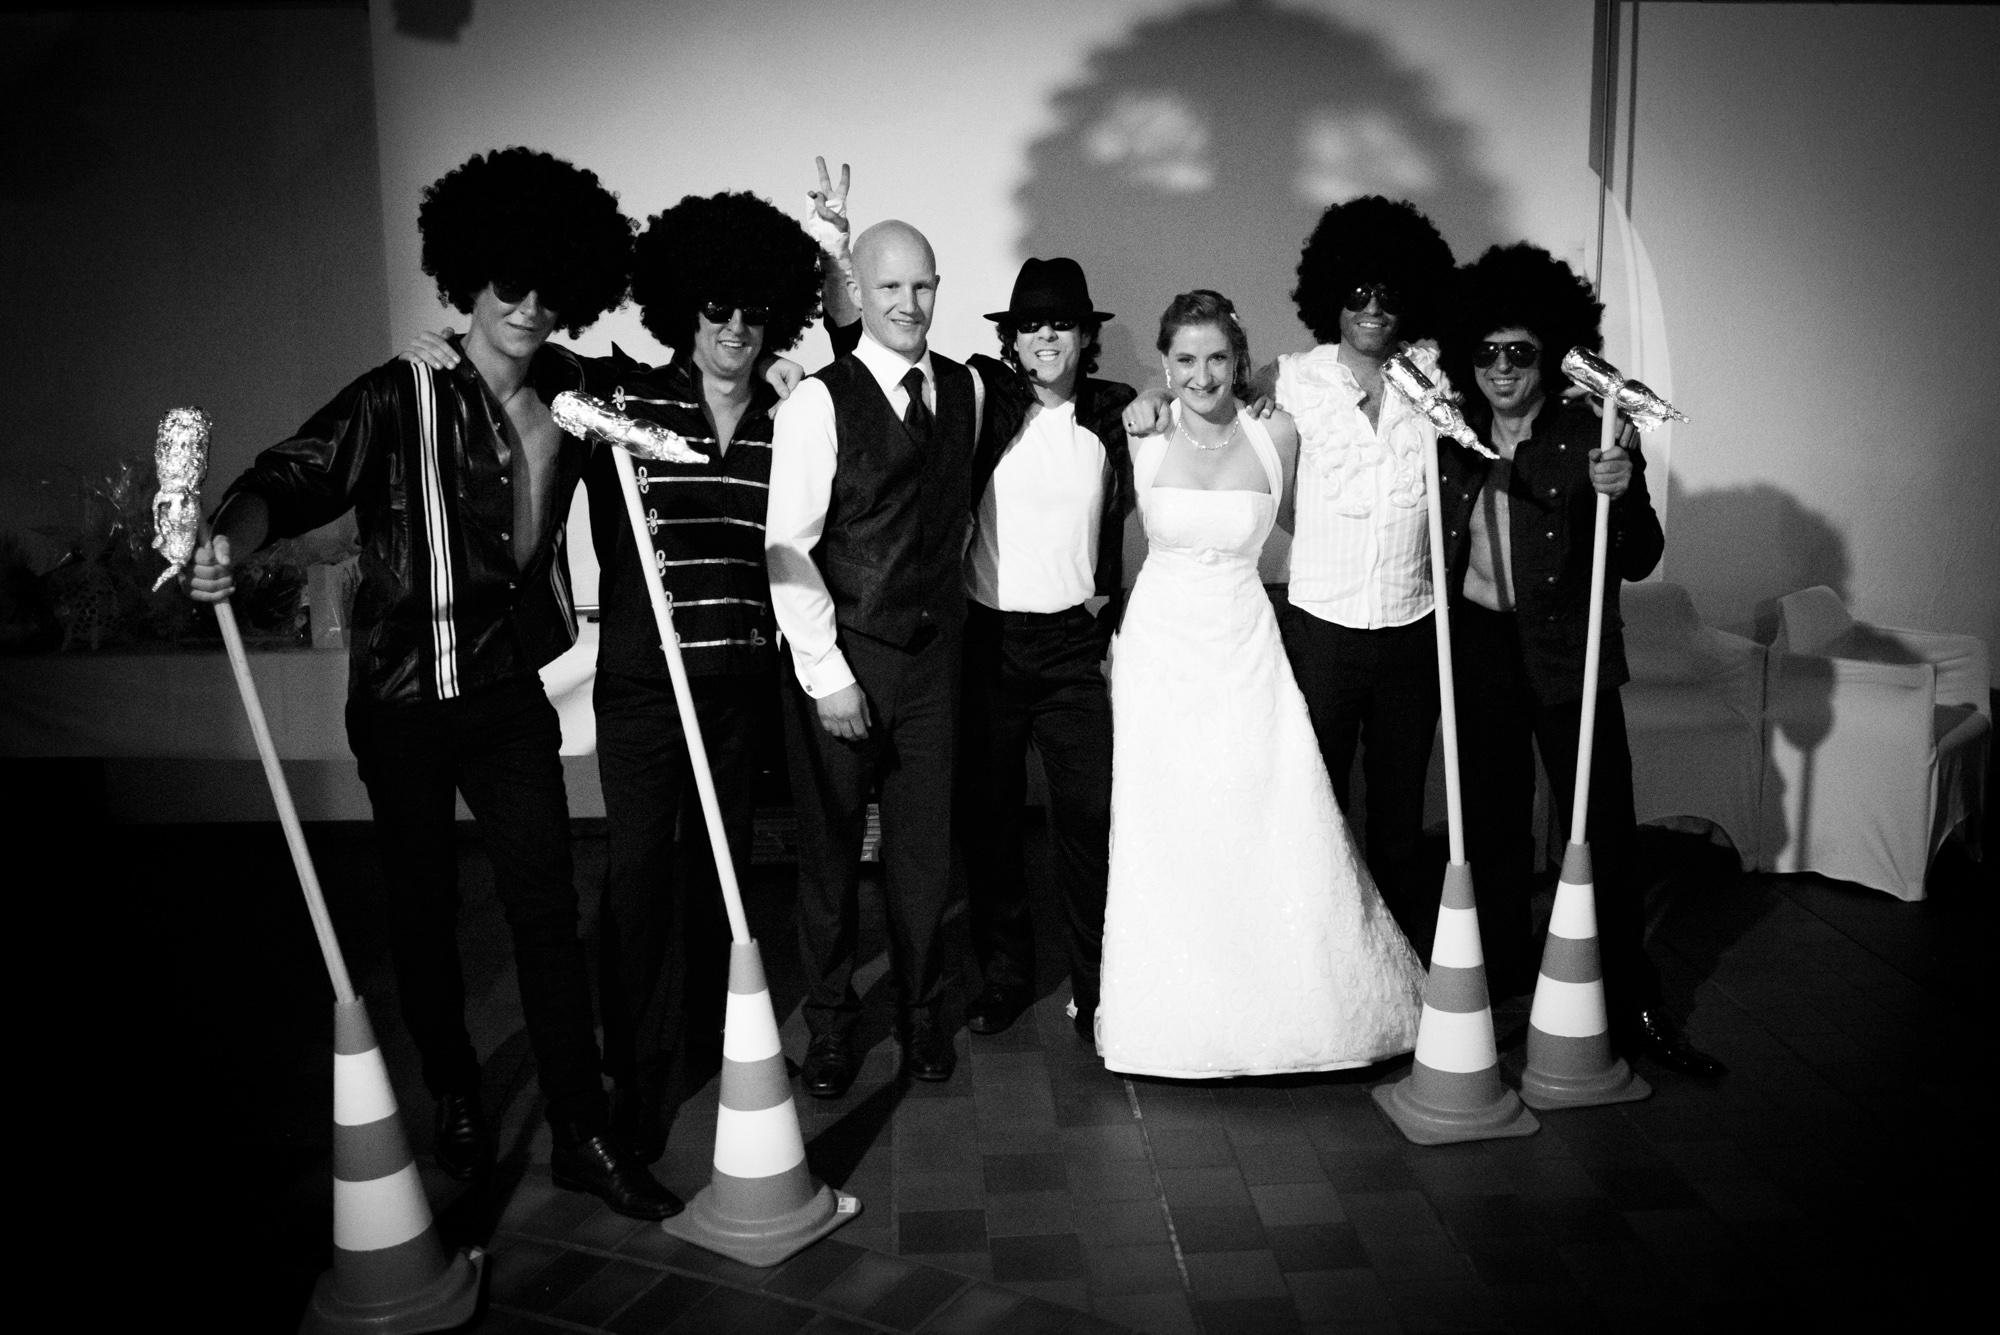 Fotograf Konstanz - Hochzeit Katja und Christian 172 - Als Hochzeitsfotograf in Bad Dürrheim unterwegs  - 58 -